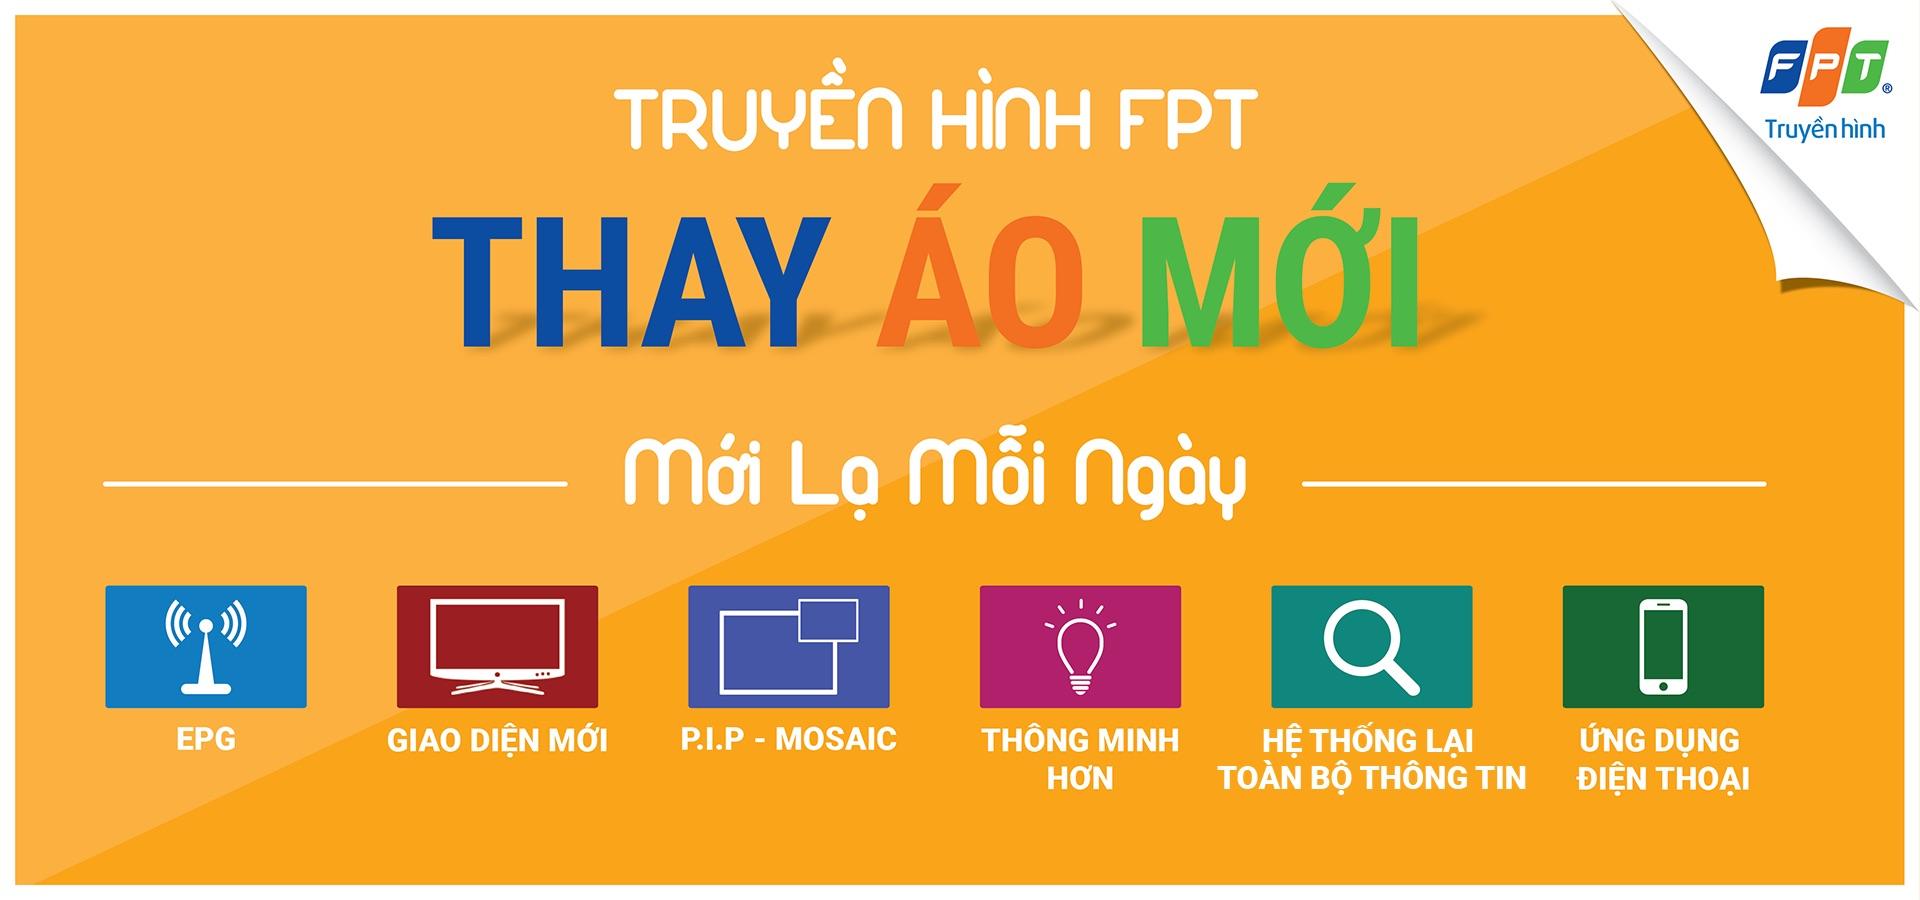 FPT Lâm Đồng Khuyến Mãi Tháng 11